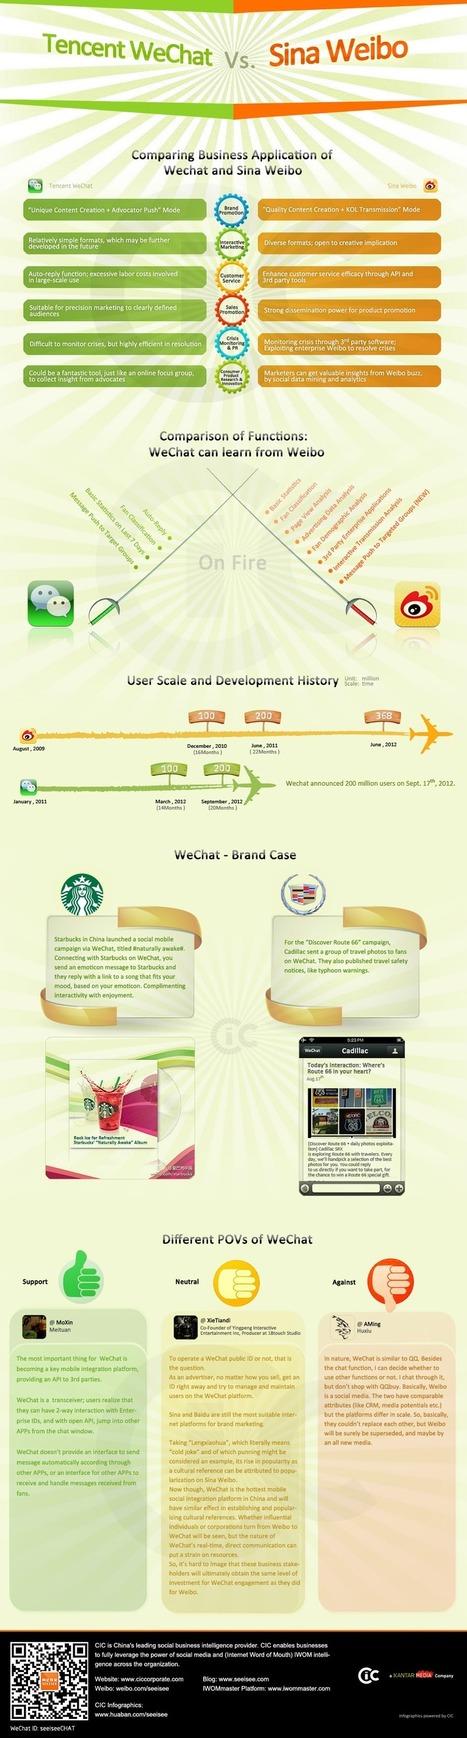 Réseaux sociaux chinois > WeChat VS Weibo : Stratégies ciblées selon le public | L'E-Réputation | Scoop.it